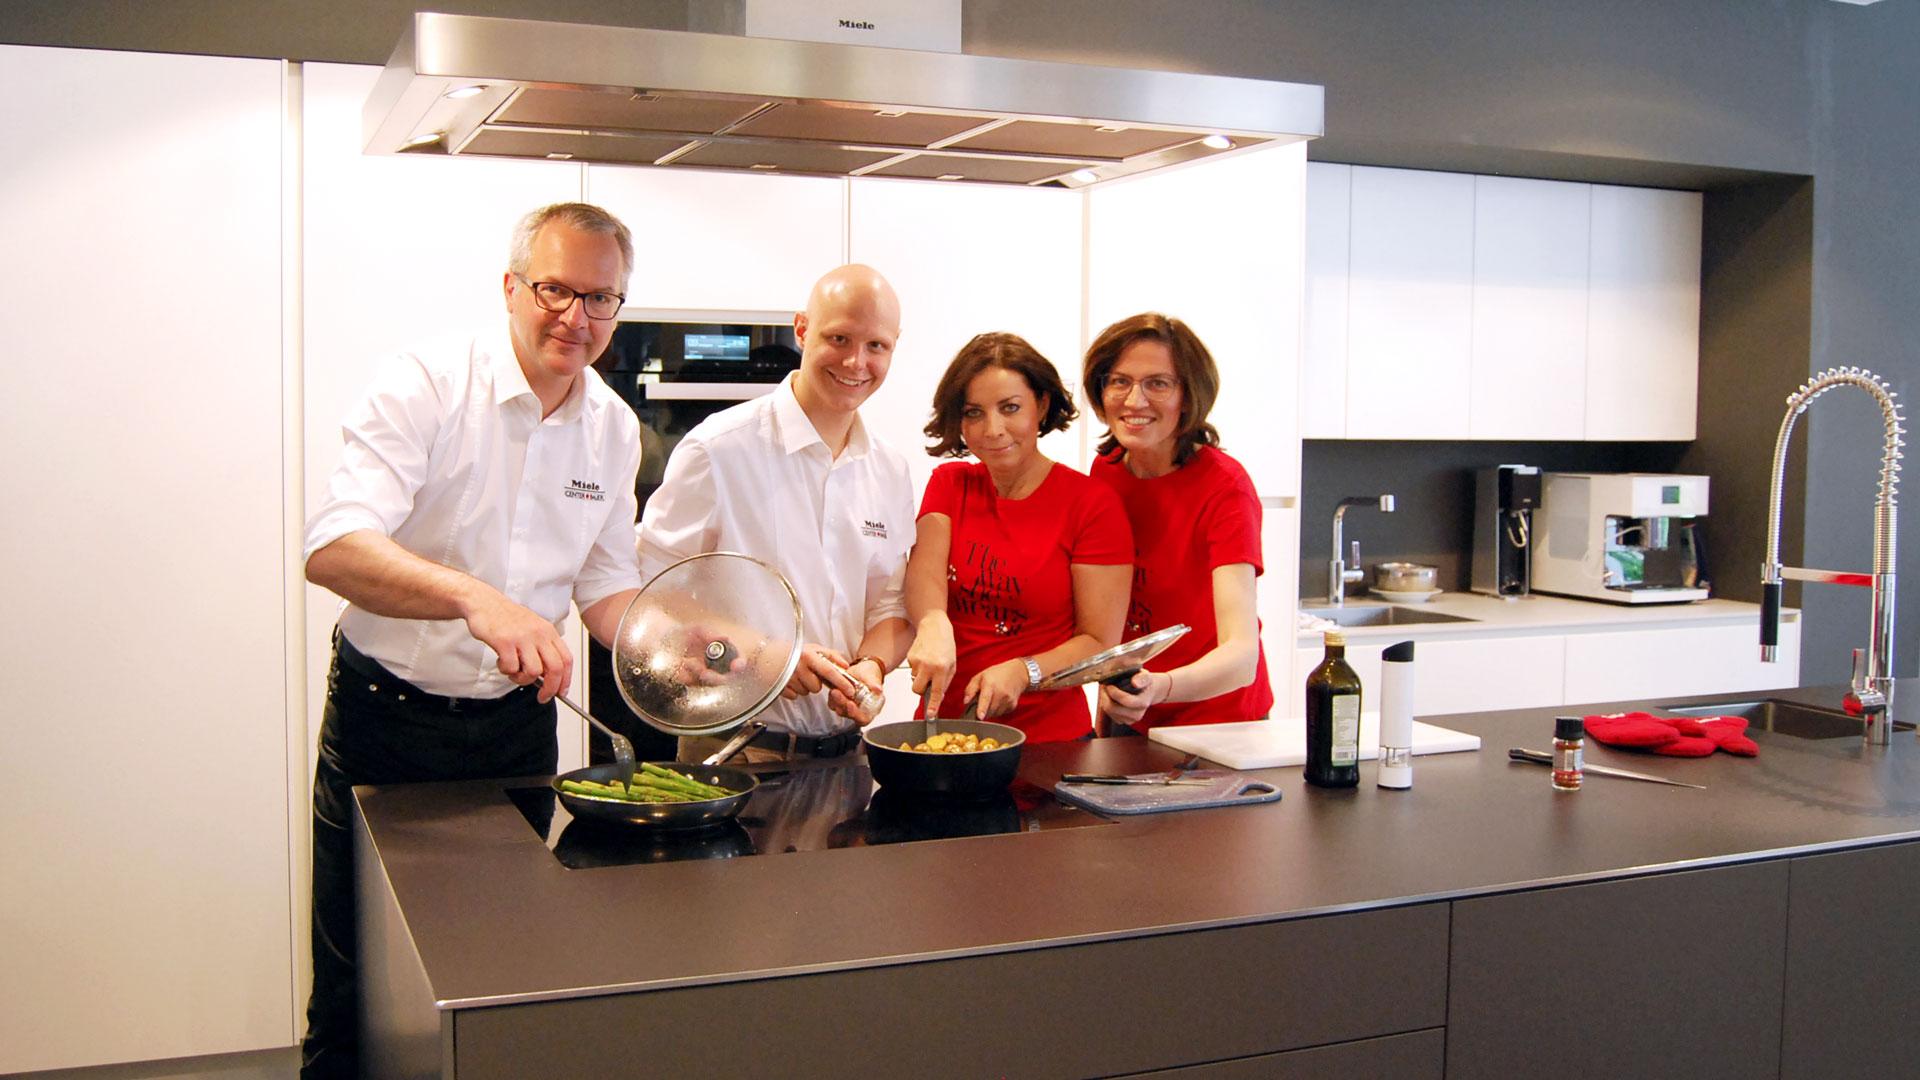 Gemeinsames Kochen in der Küche in Wien bei Miele Center Bauer